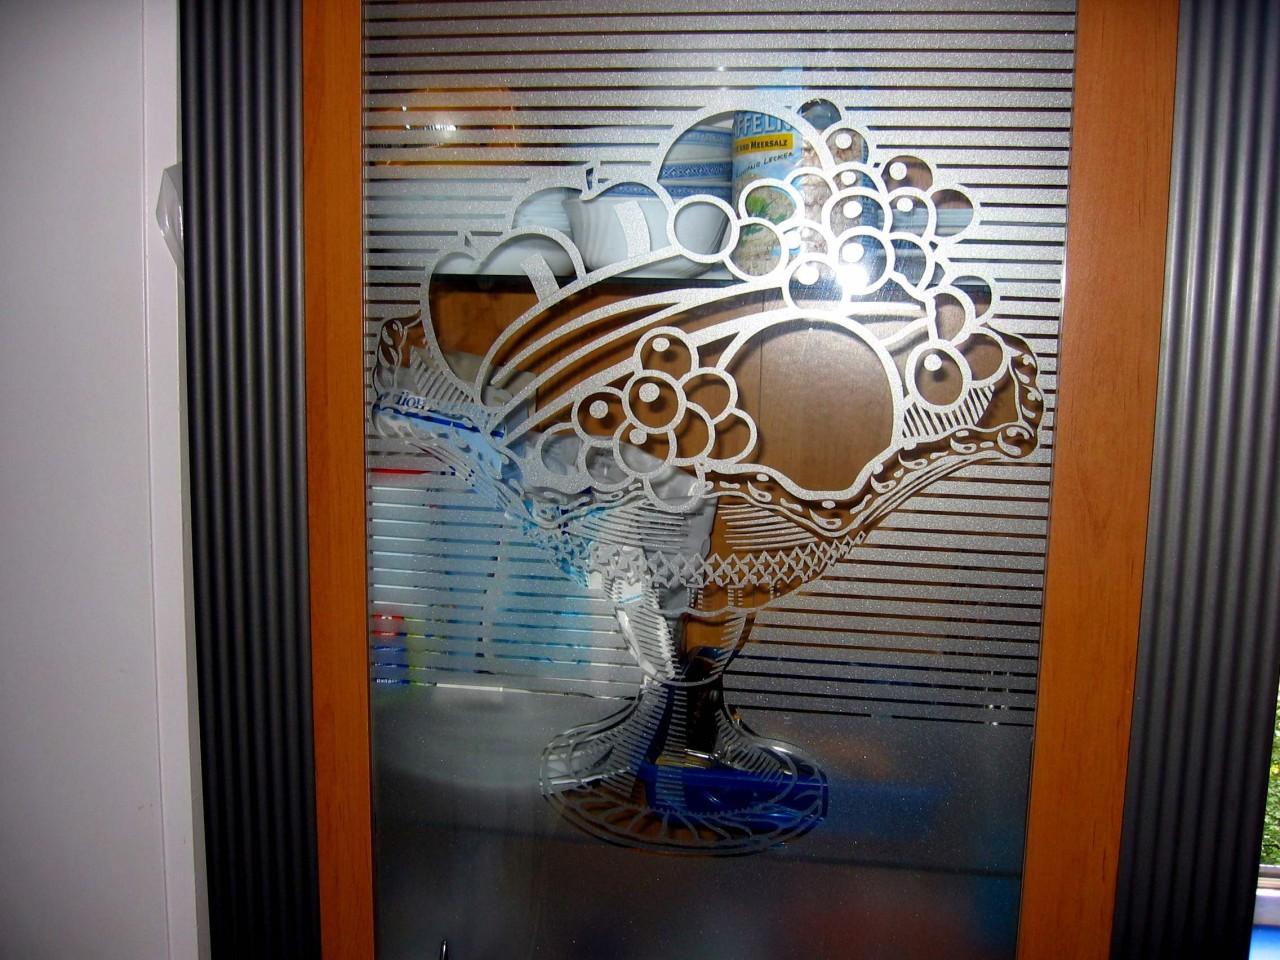 Full Size of Folie Für Fenster Sichtschutz Obst Digitaldruck Mnchen Ihr Werbetechnik Profi Online Konfigurator Gebrauchte Kaufen Fliesen Dusche Dreifachverglasung Fenster Folie Für Fenster